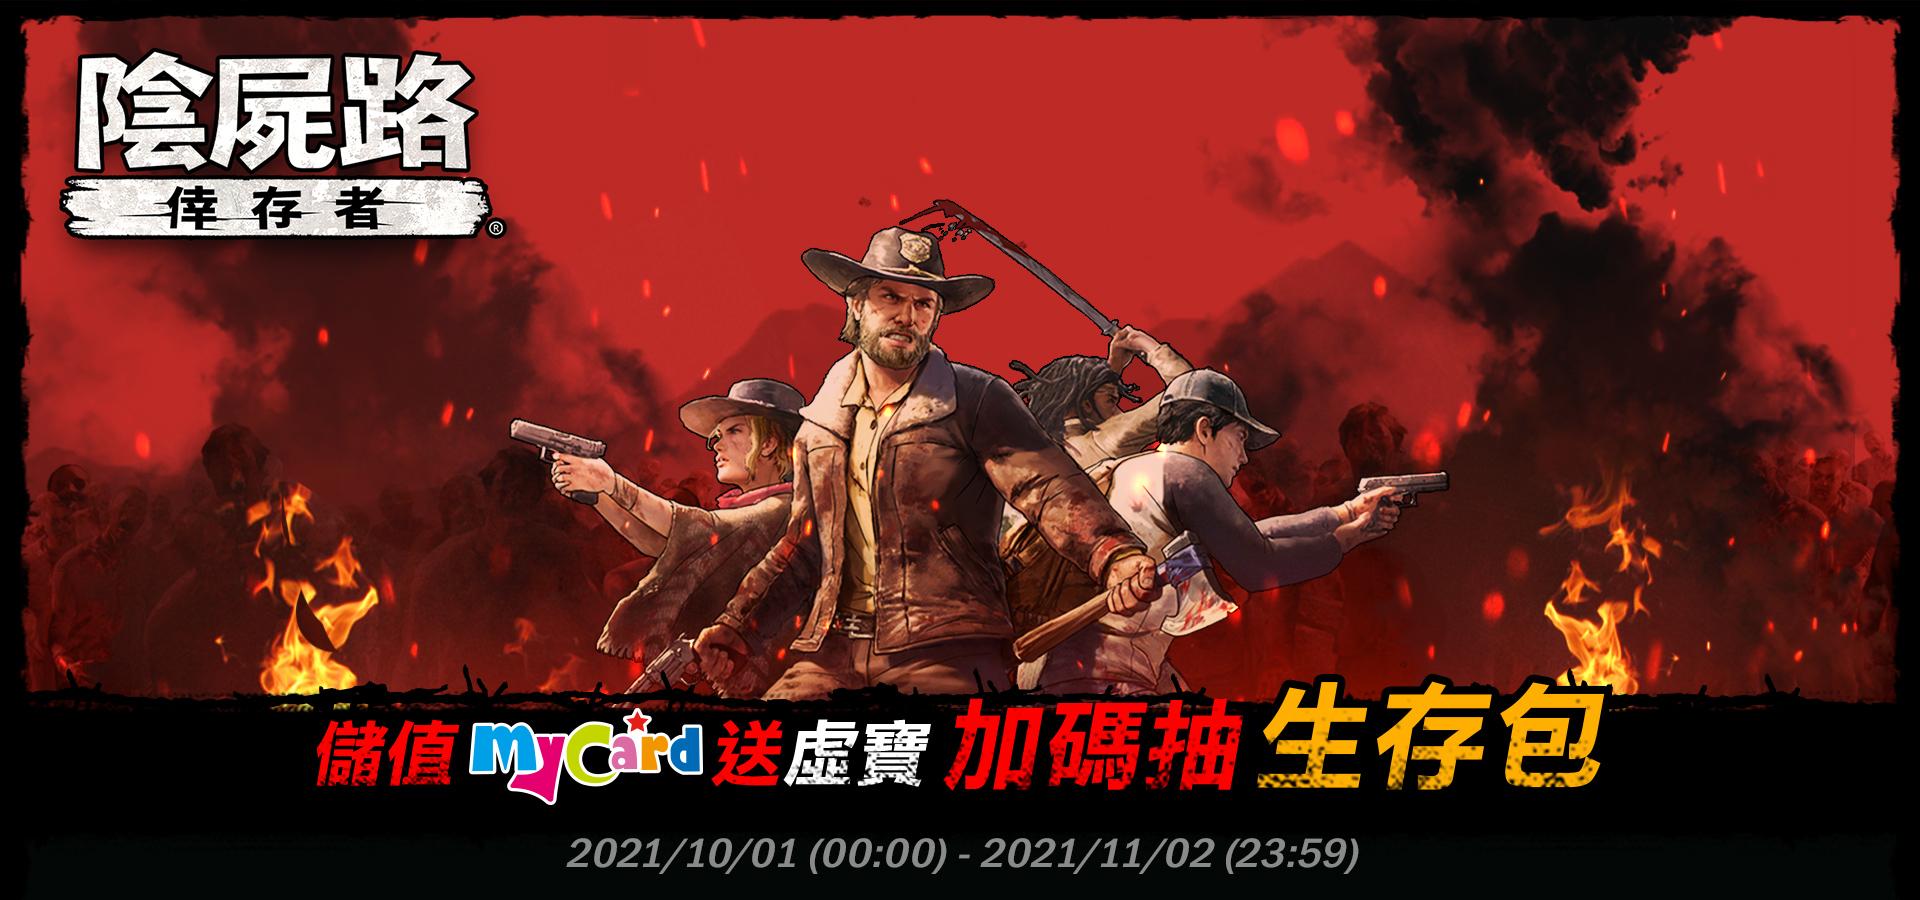 《陰屍路:倖存者》-儲MyCard送虛寶 加碼抽生存包-中華電信